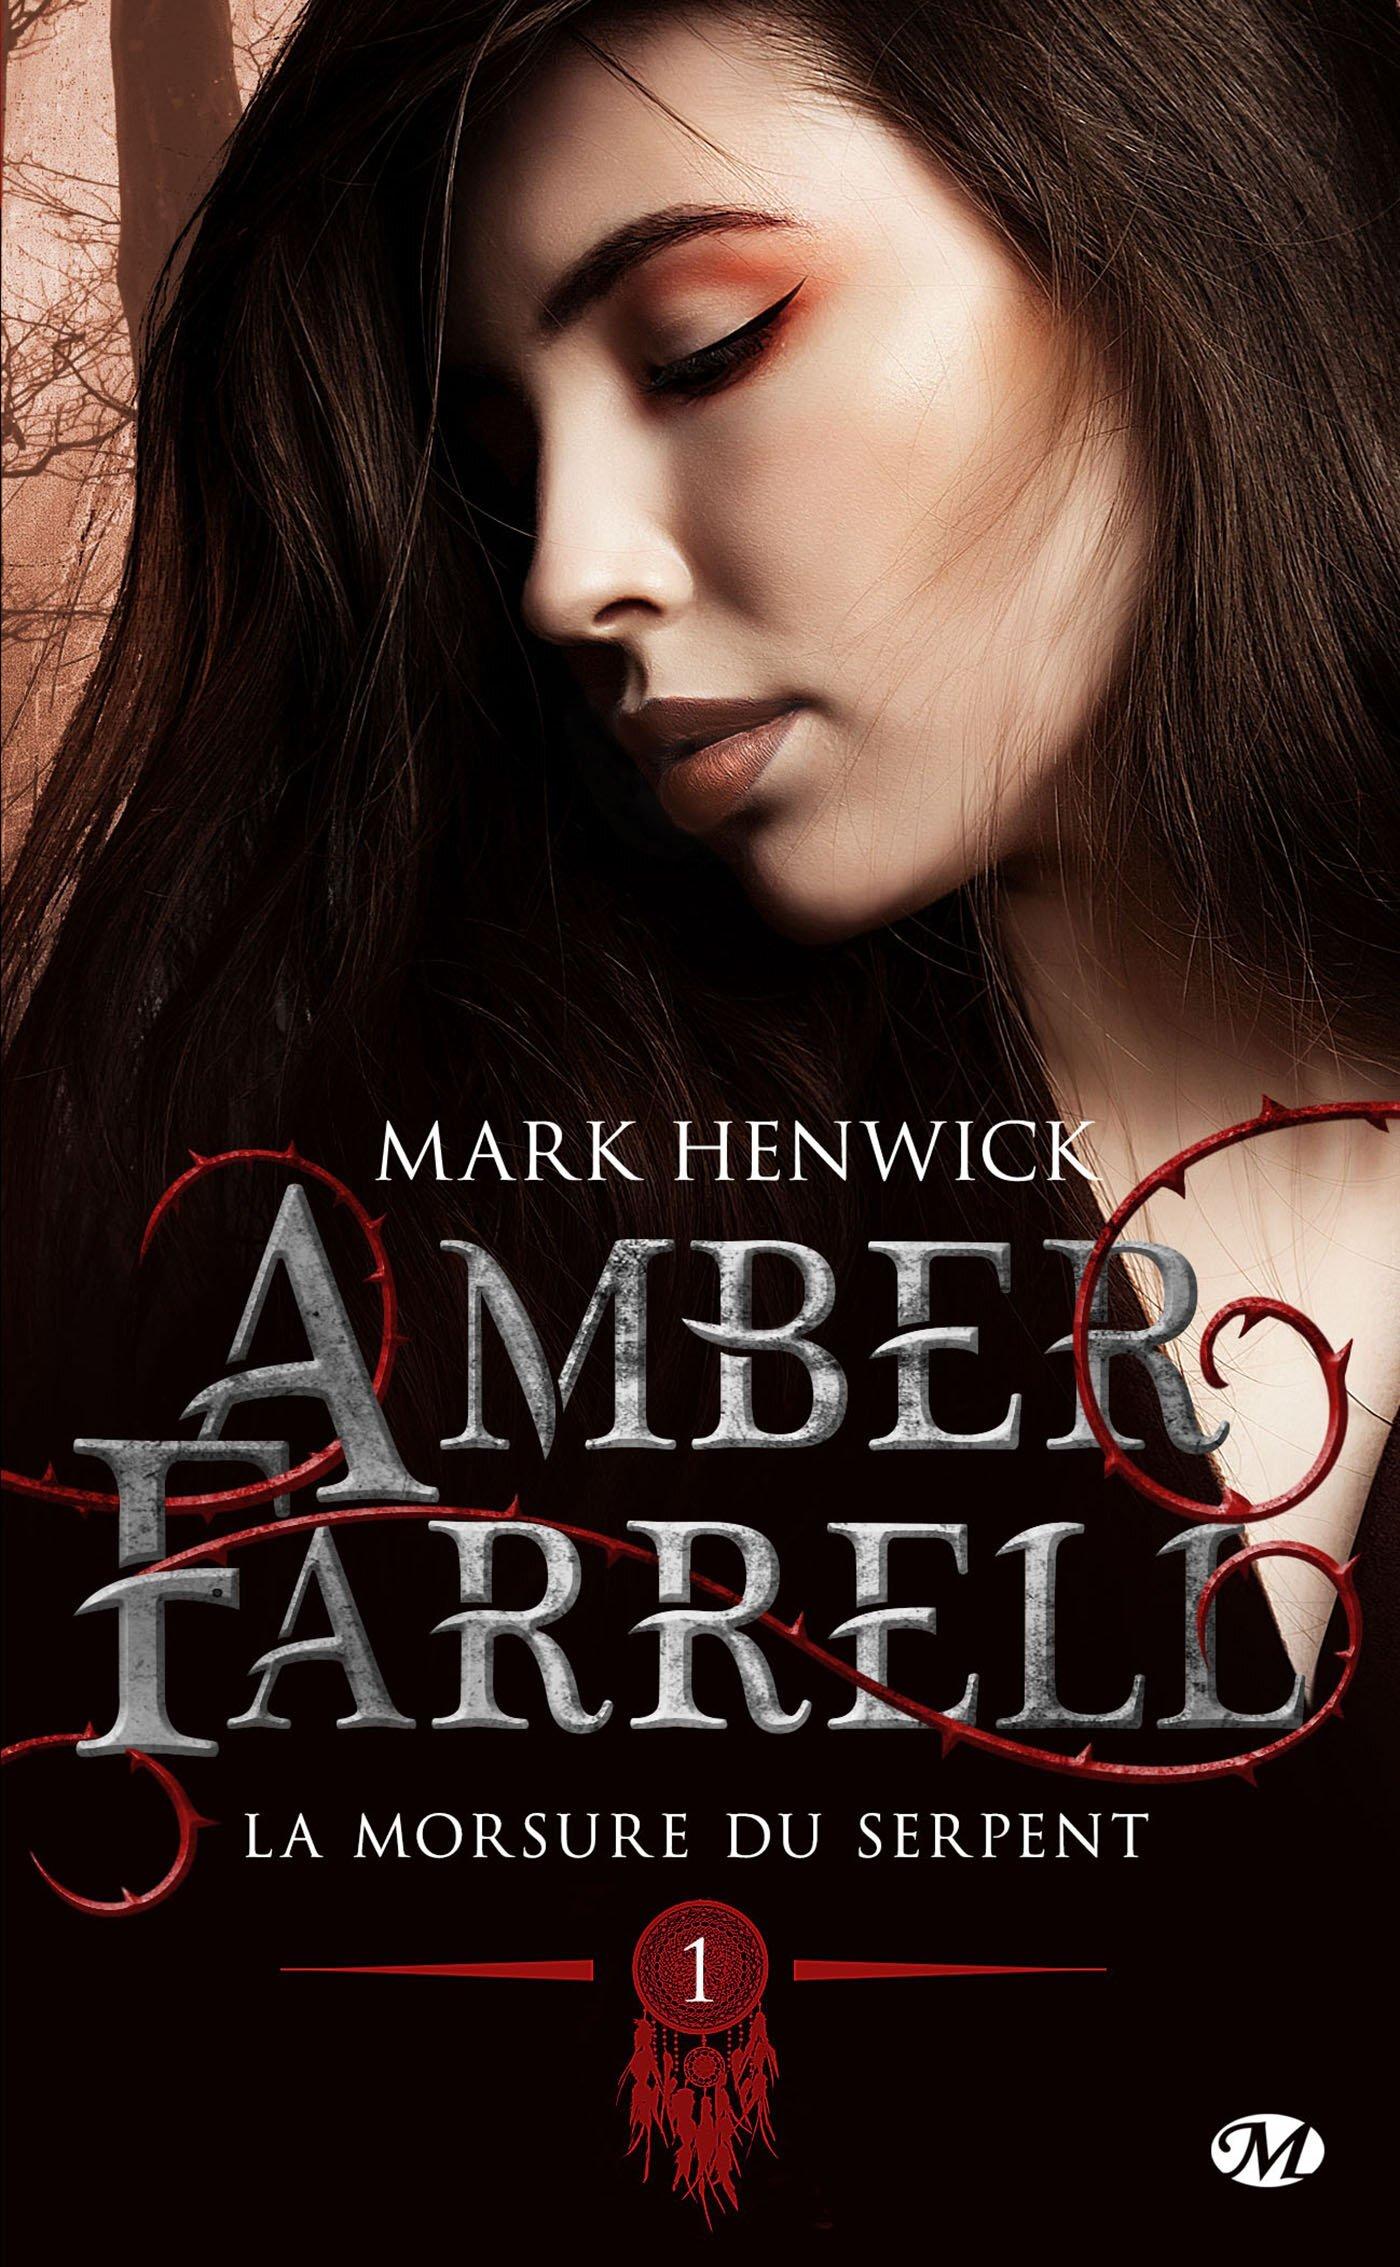 cdn1.booknode.com/book_cover/1082/full/amber-farrell-tome-1-la-morsure-du-serpent-1082240.jpg